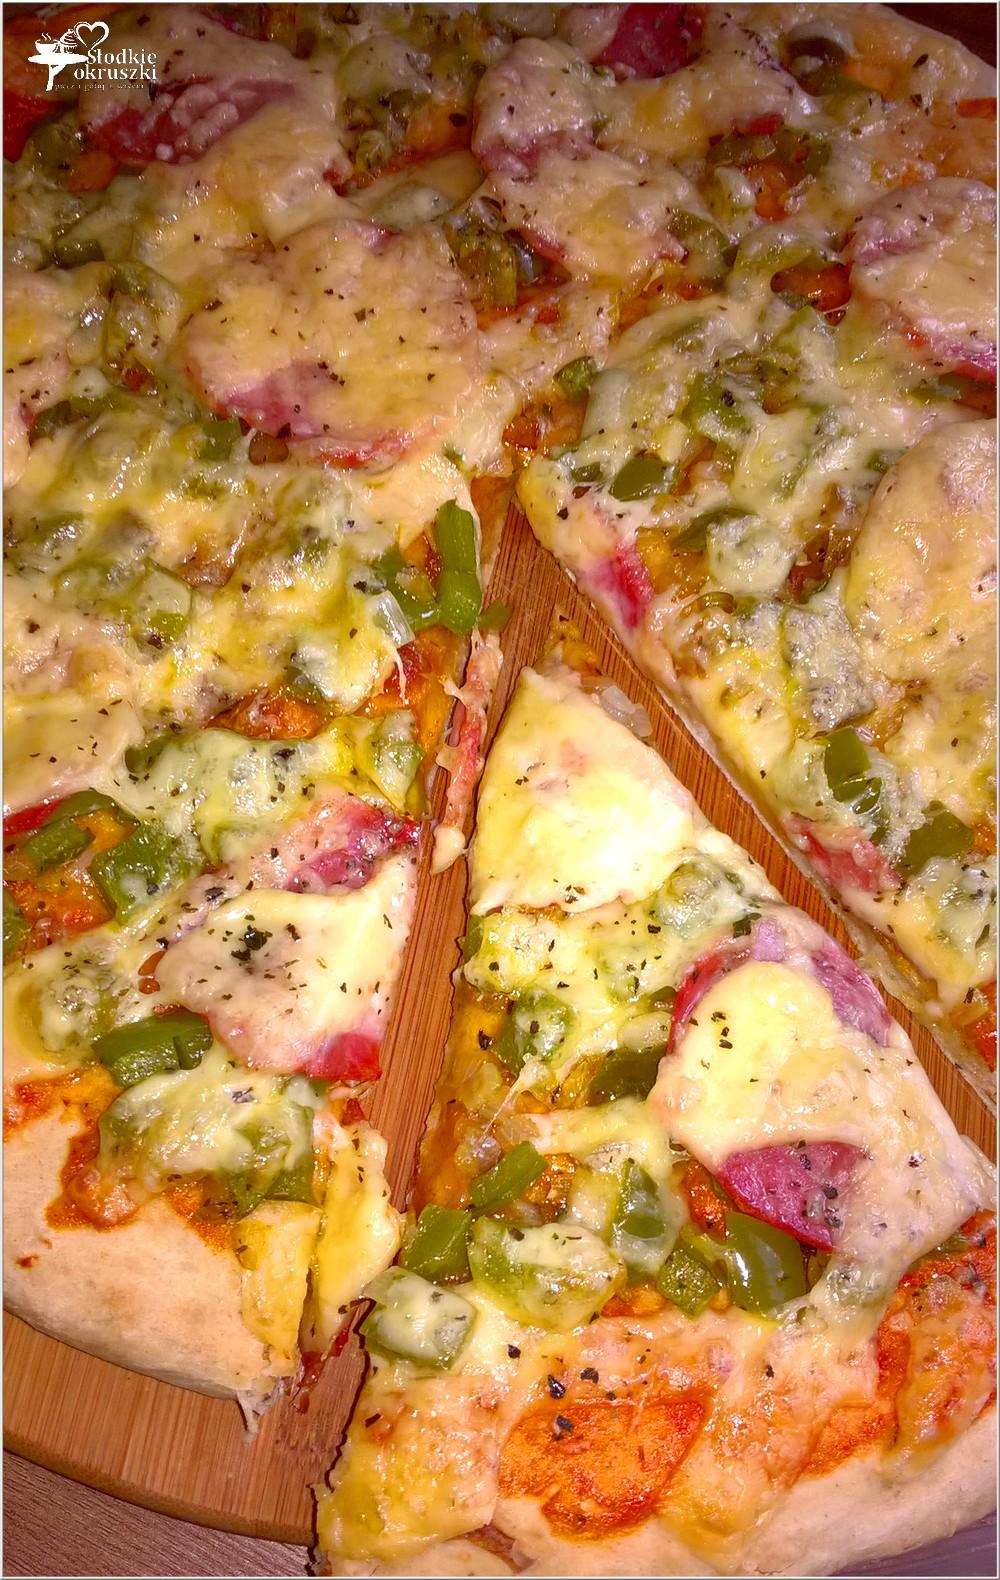 Pizza z zieloną papryką i kiełbasą krakowską podsuszaną (1)